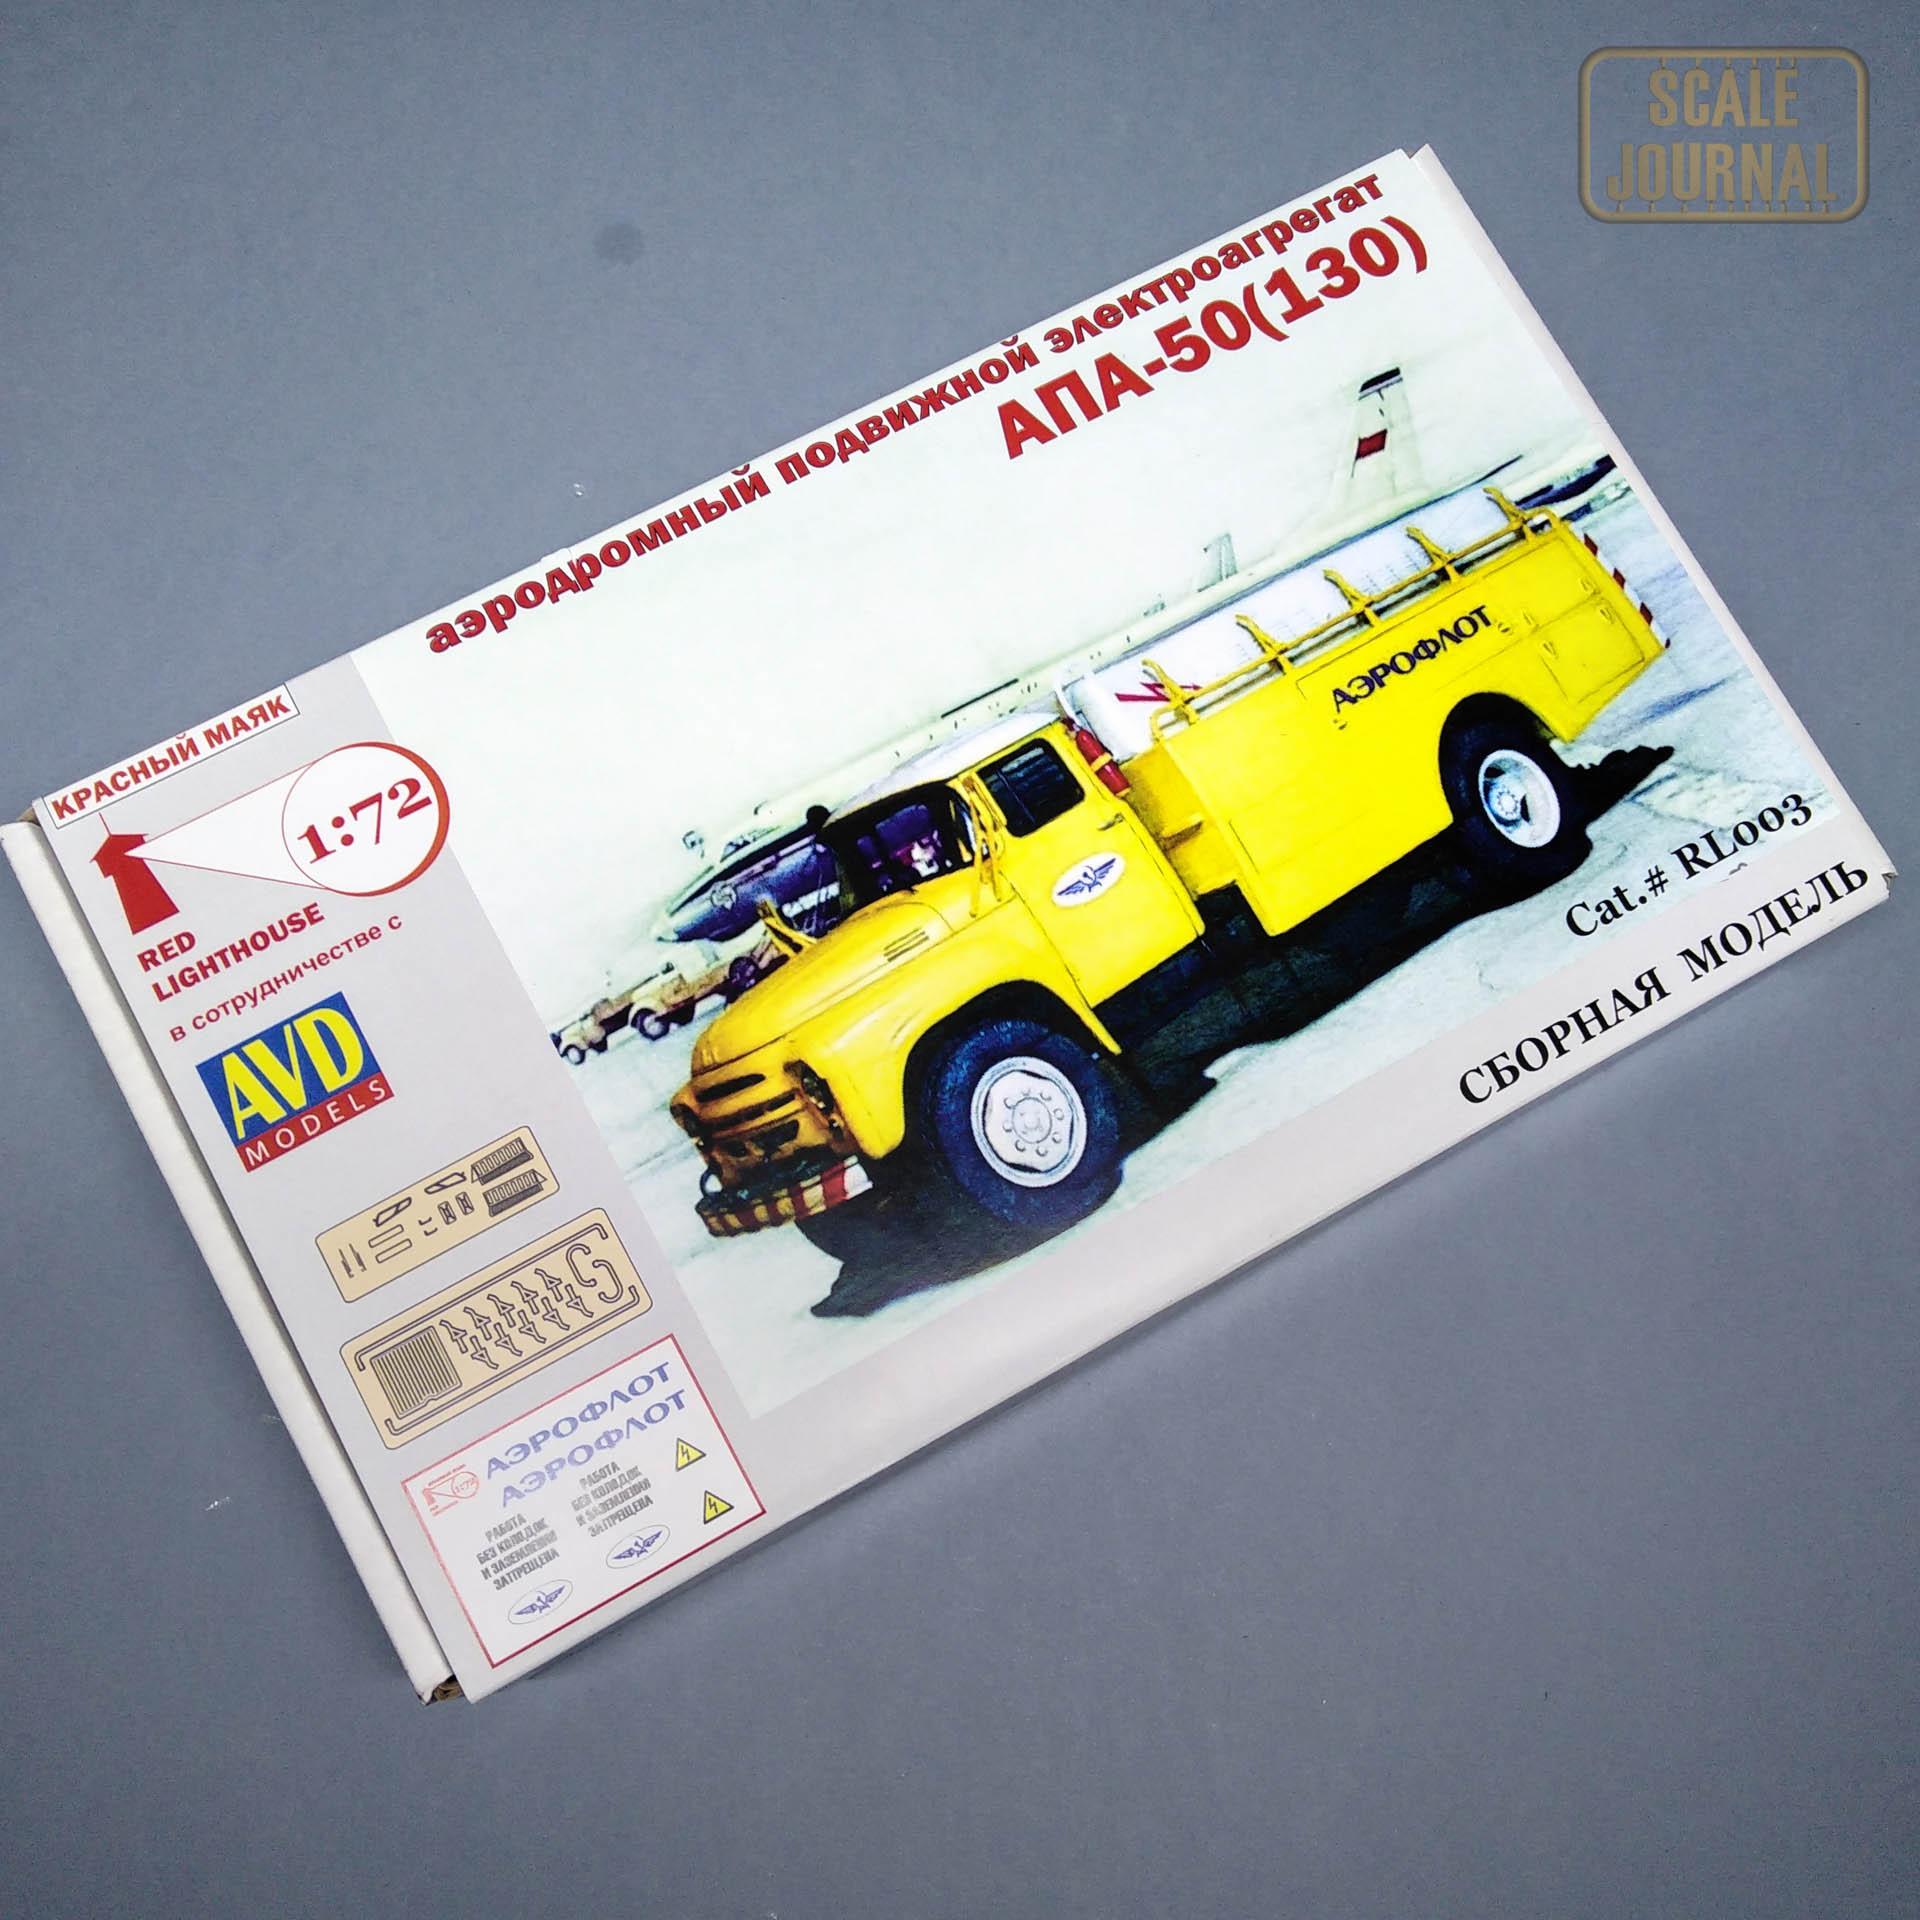 1/72 АПА-50 (130) Красный маяк / AVD Models